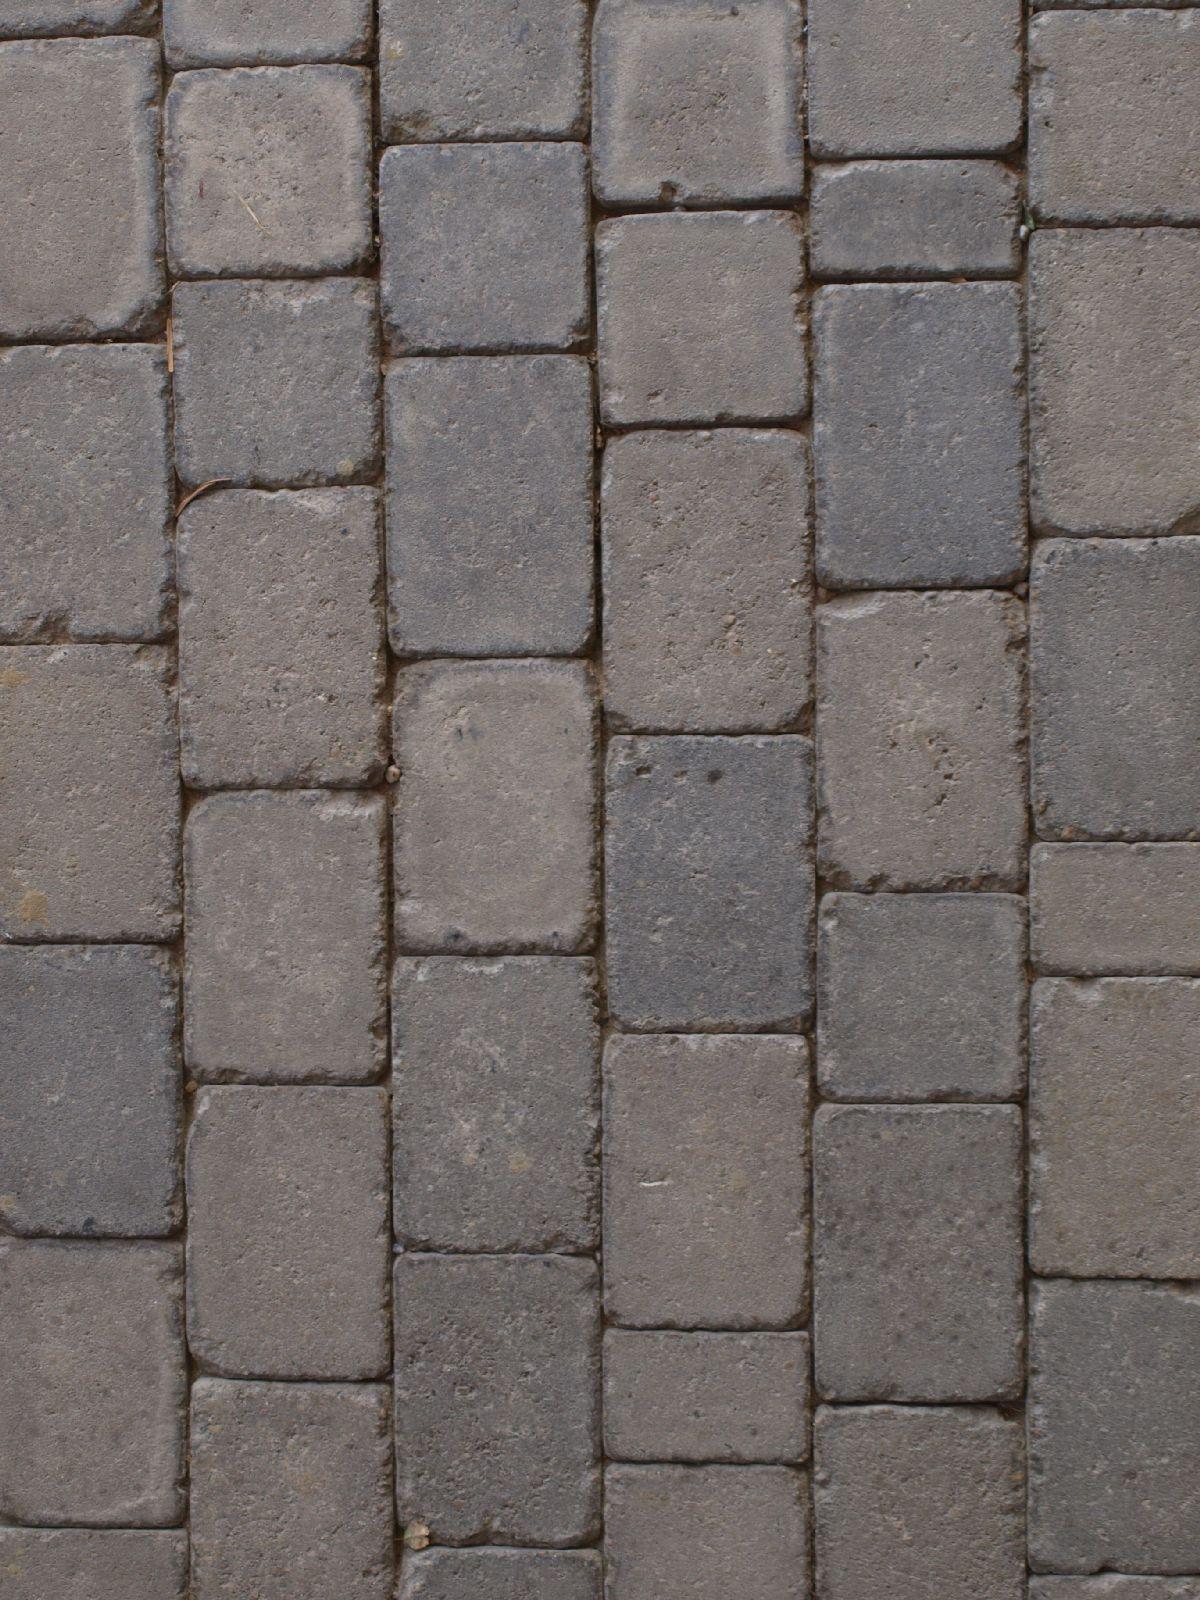 Ground-Urban_Texture_A_P5265273